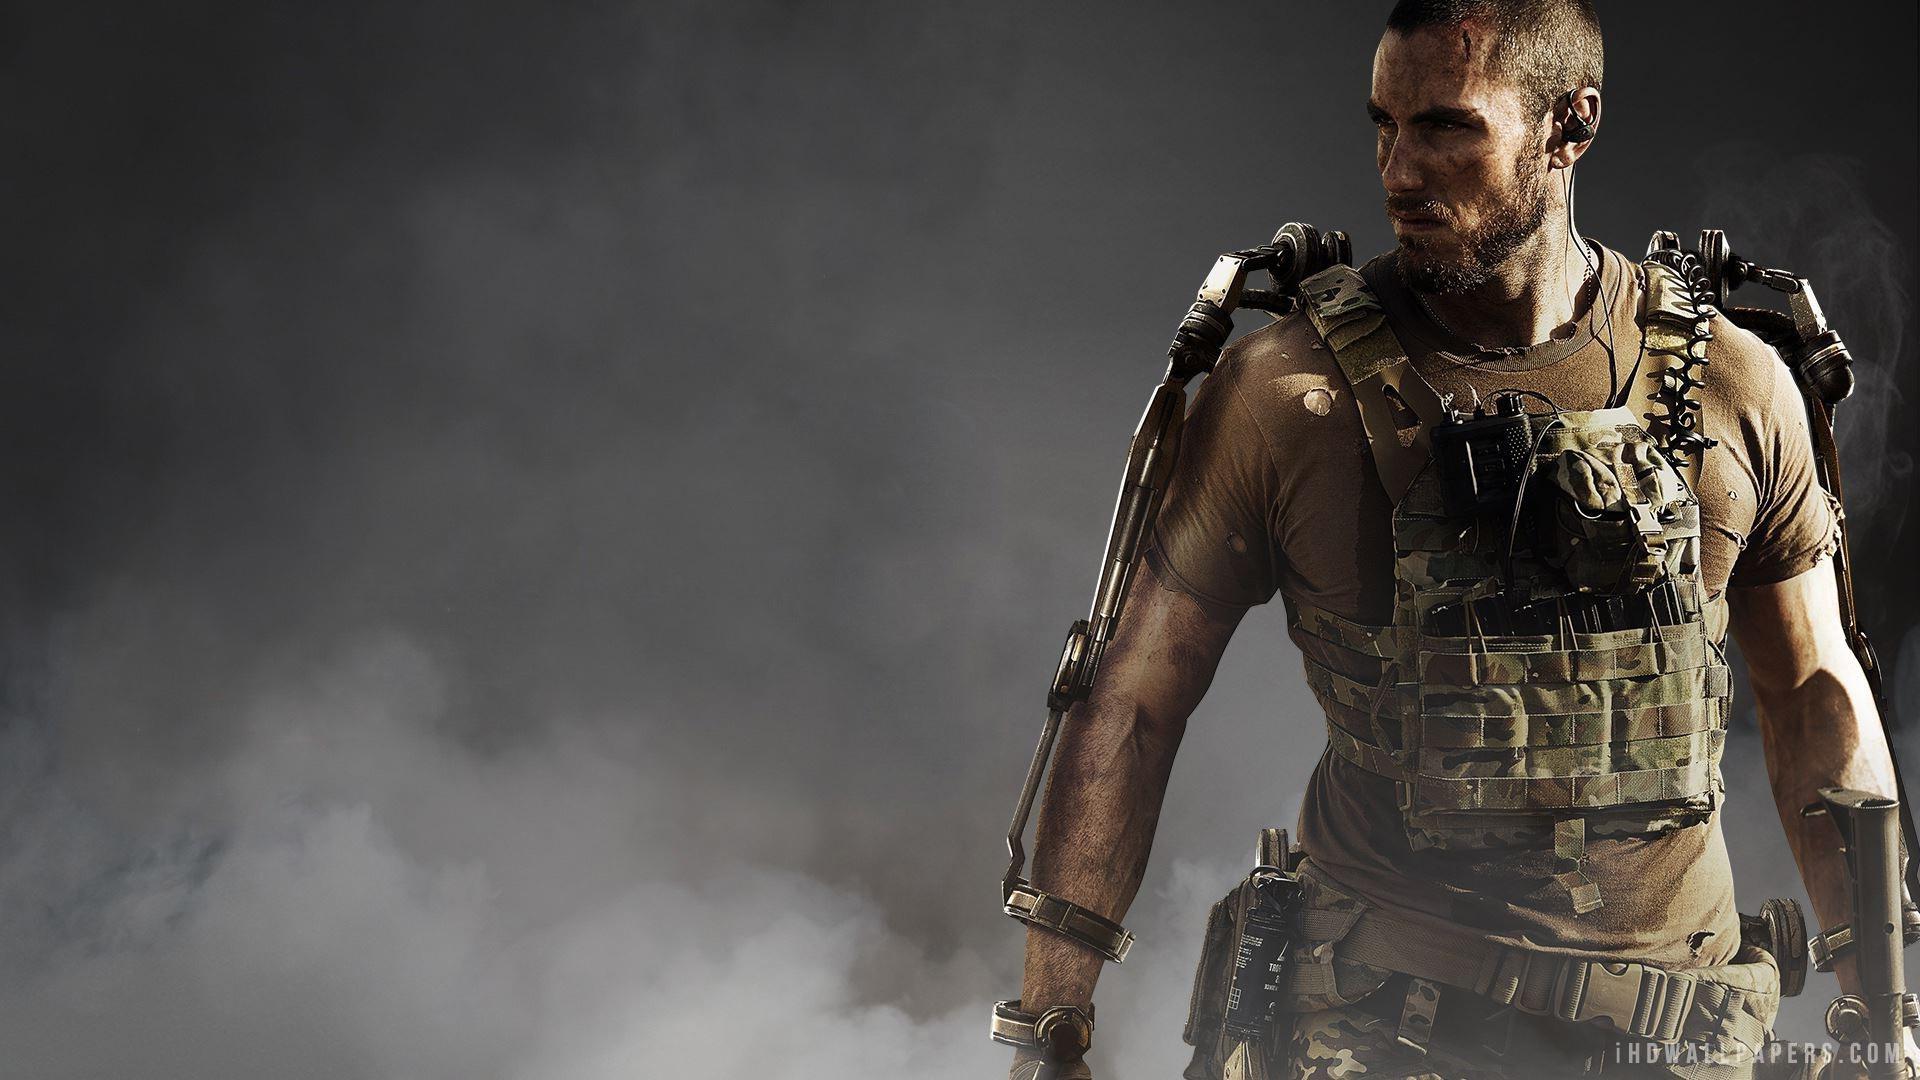 Mitchell Call of Duty Advanced Warfare HD Wallpaper   iHD Wallpapers 1920x1080